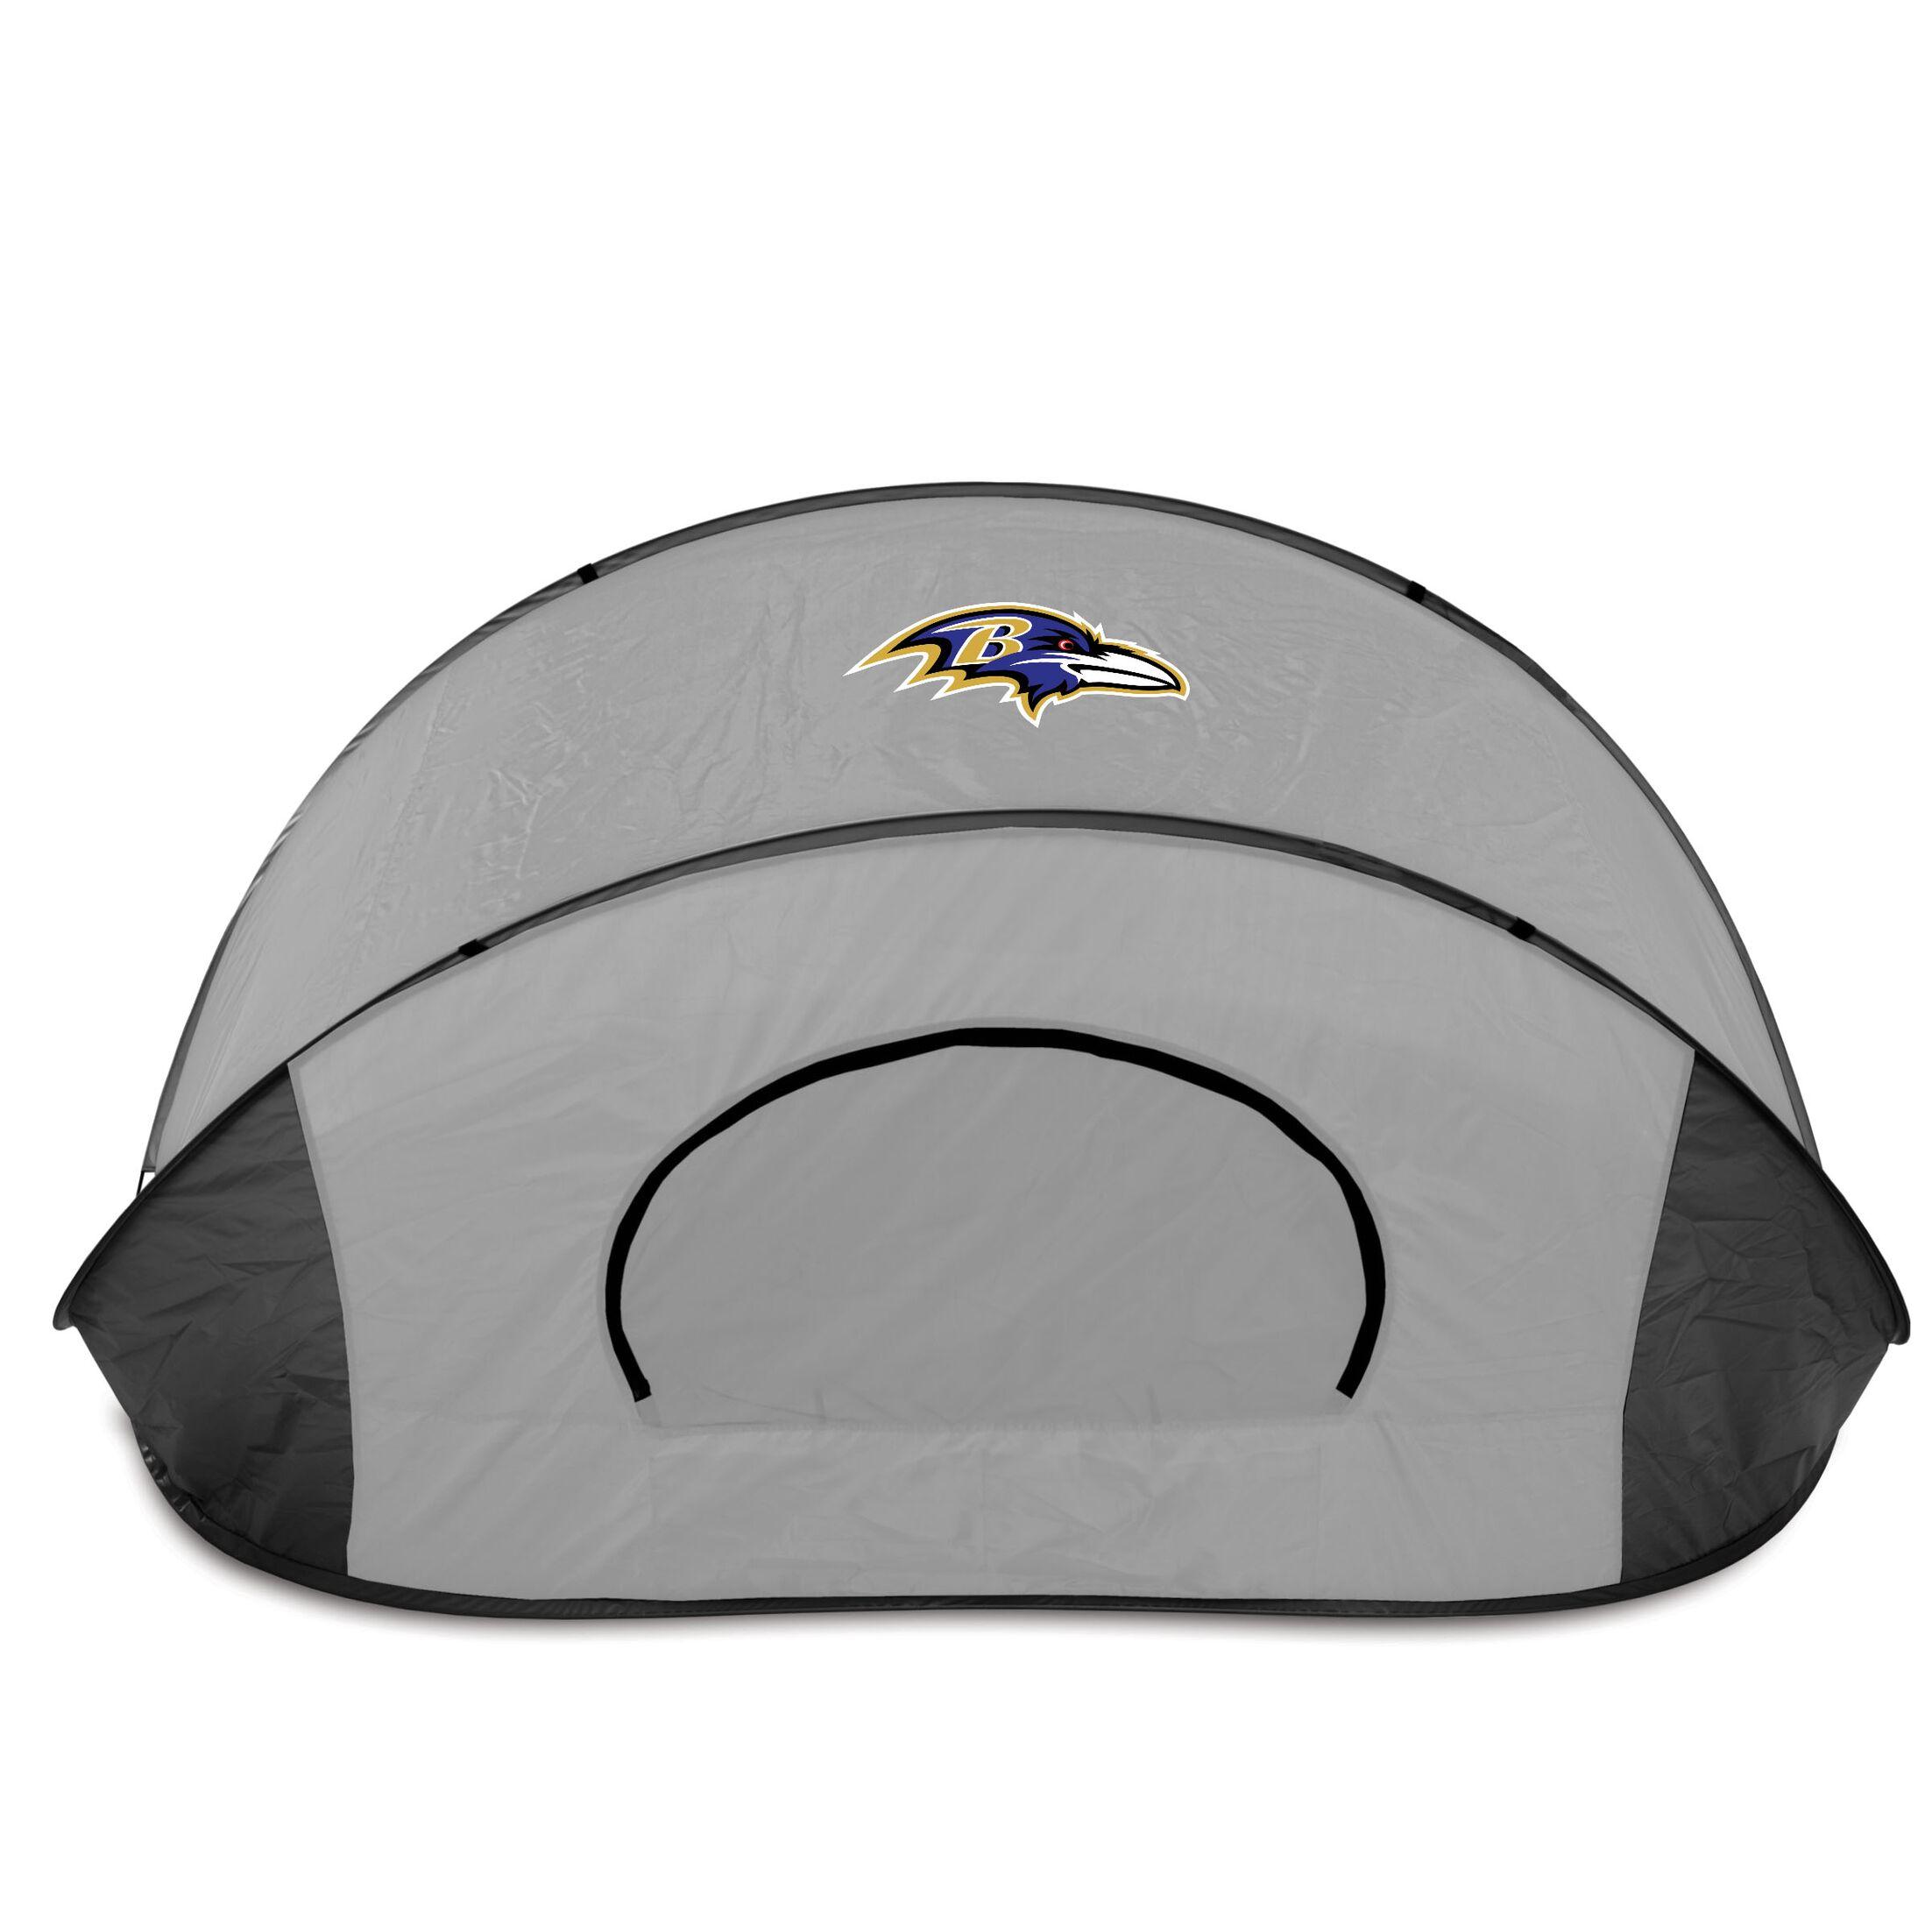 NFL Manta Shelter Color: Black / Grey, NFL Team: Baltimore Ravens